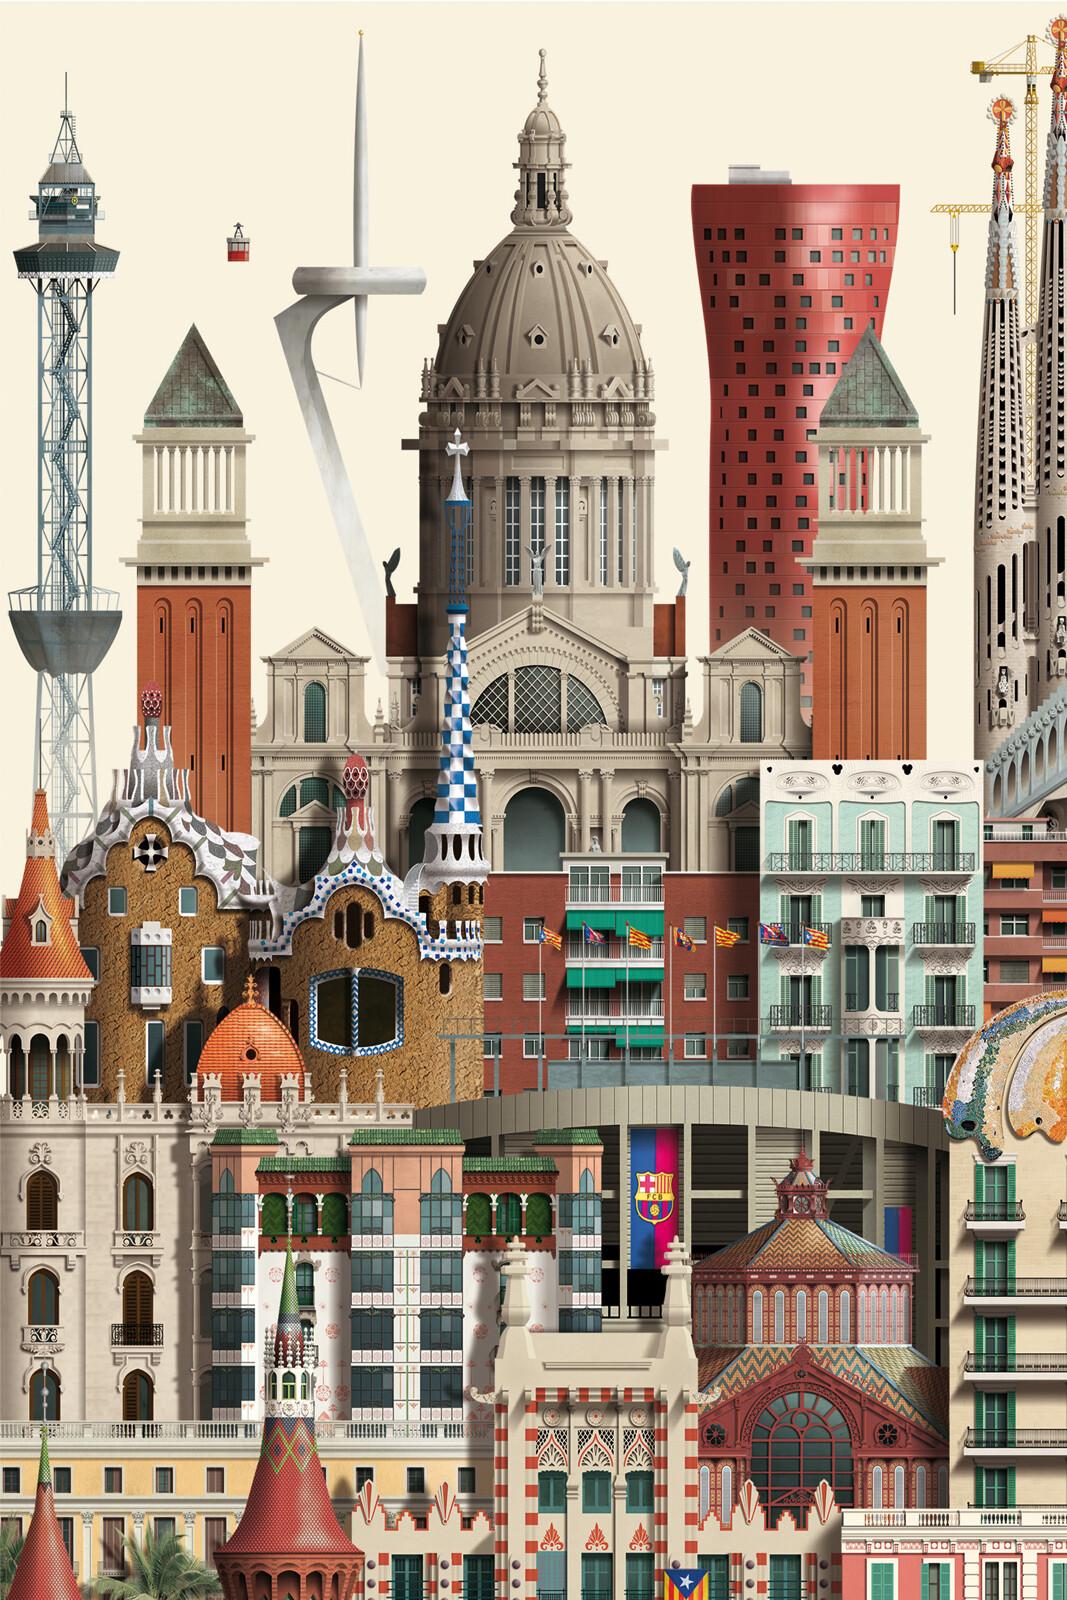 Barcelona - Martin Schwartz